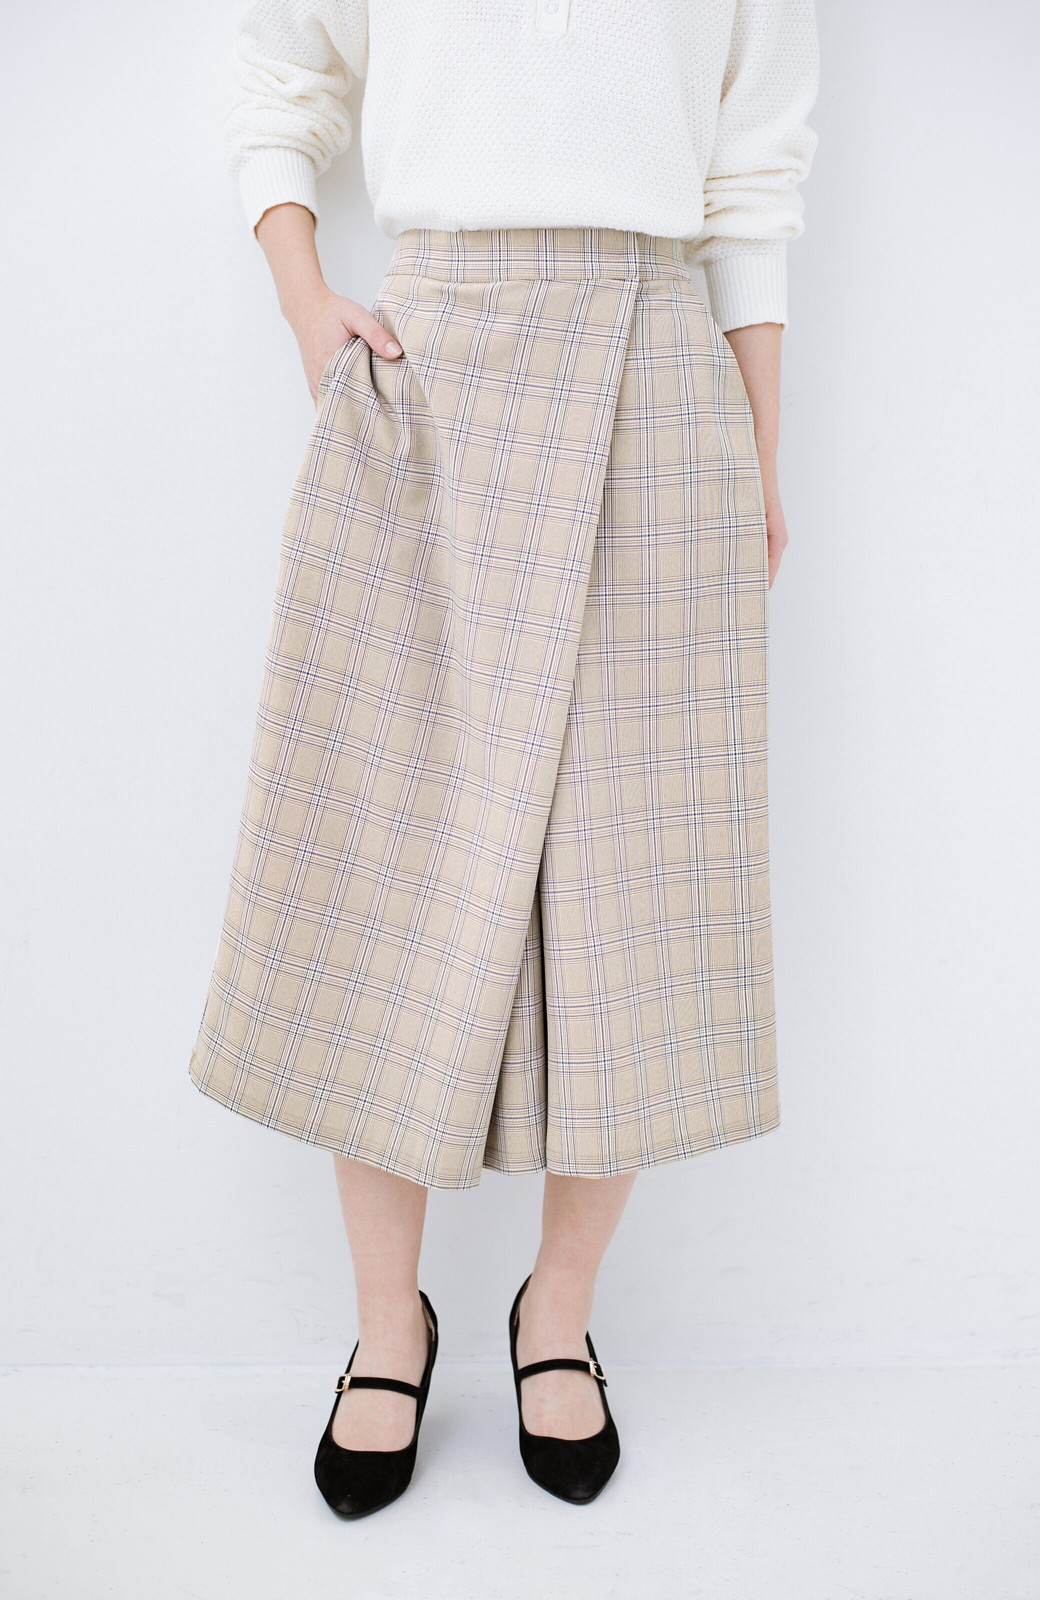 haco! 動きやすいのにちゃんと女子見え スカートみたいな華やかチェックパンツ <ブラウン系その他>の商品写真1